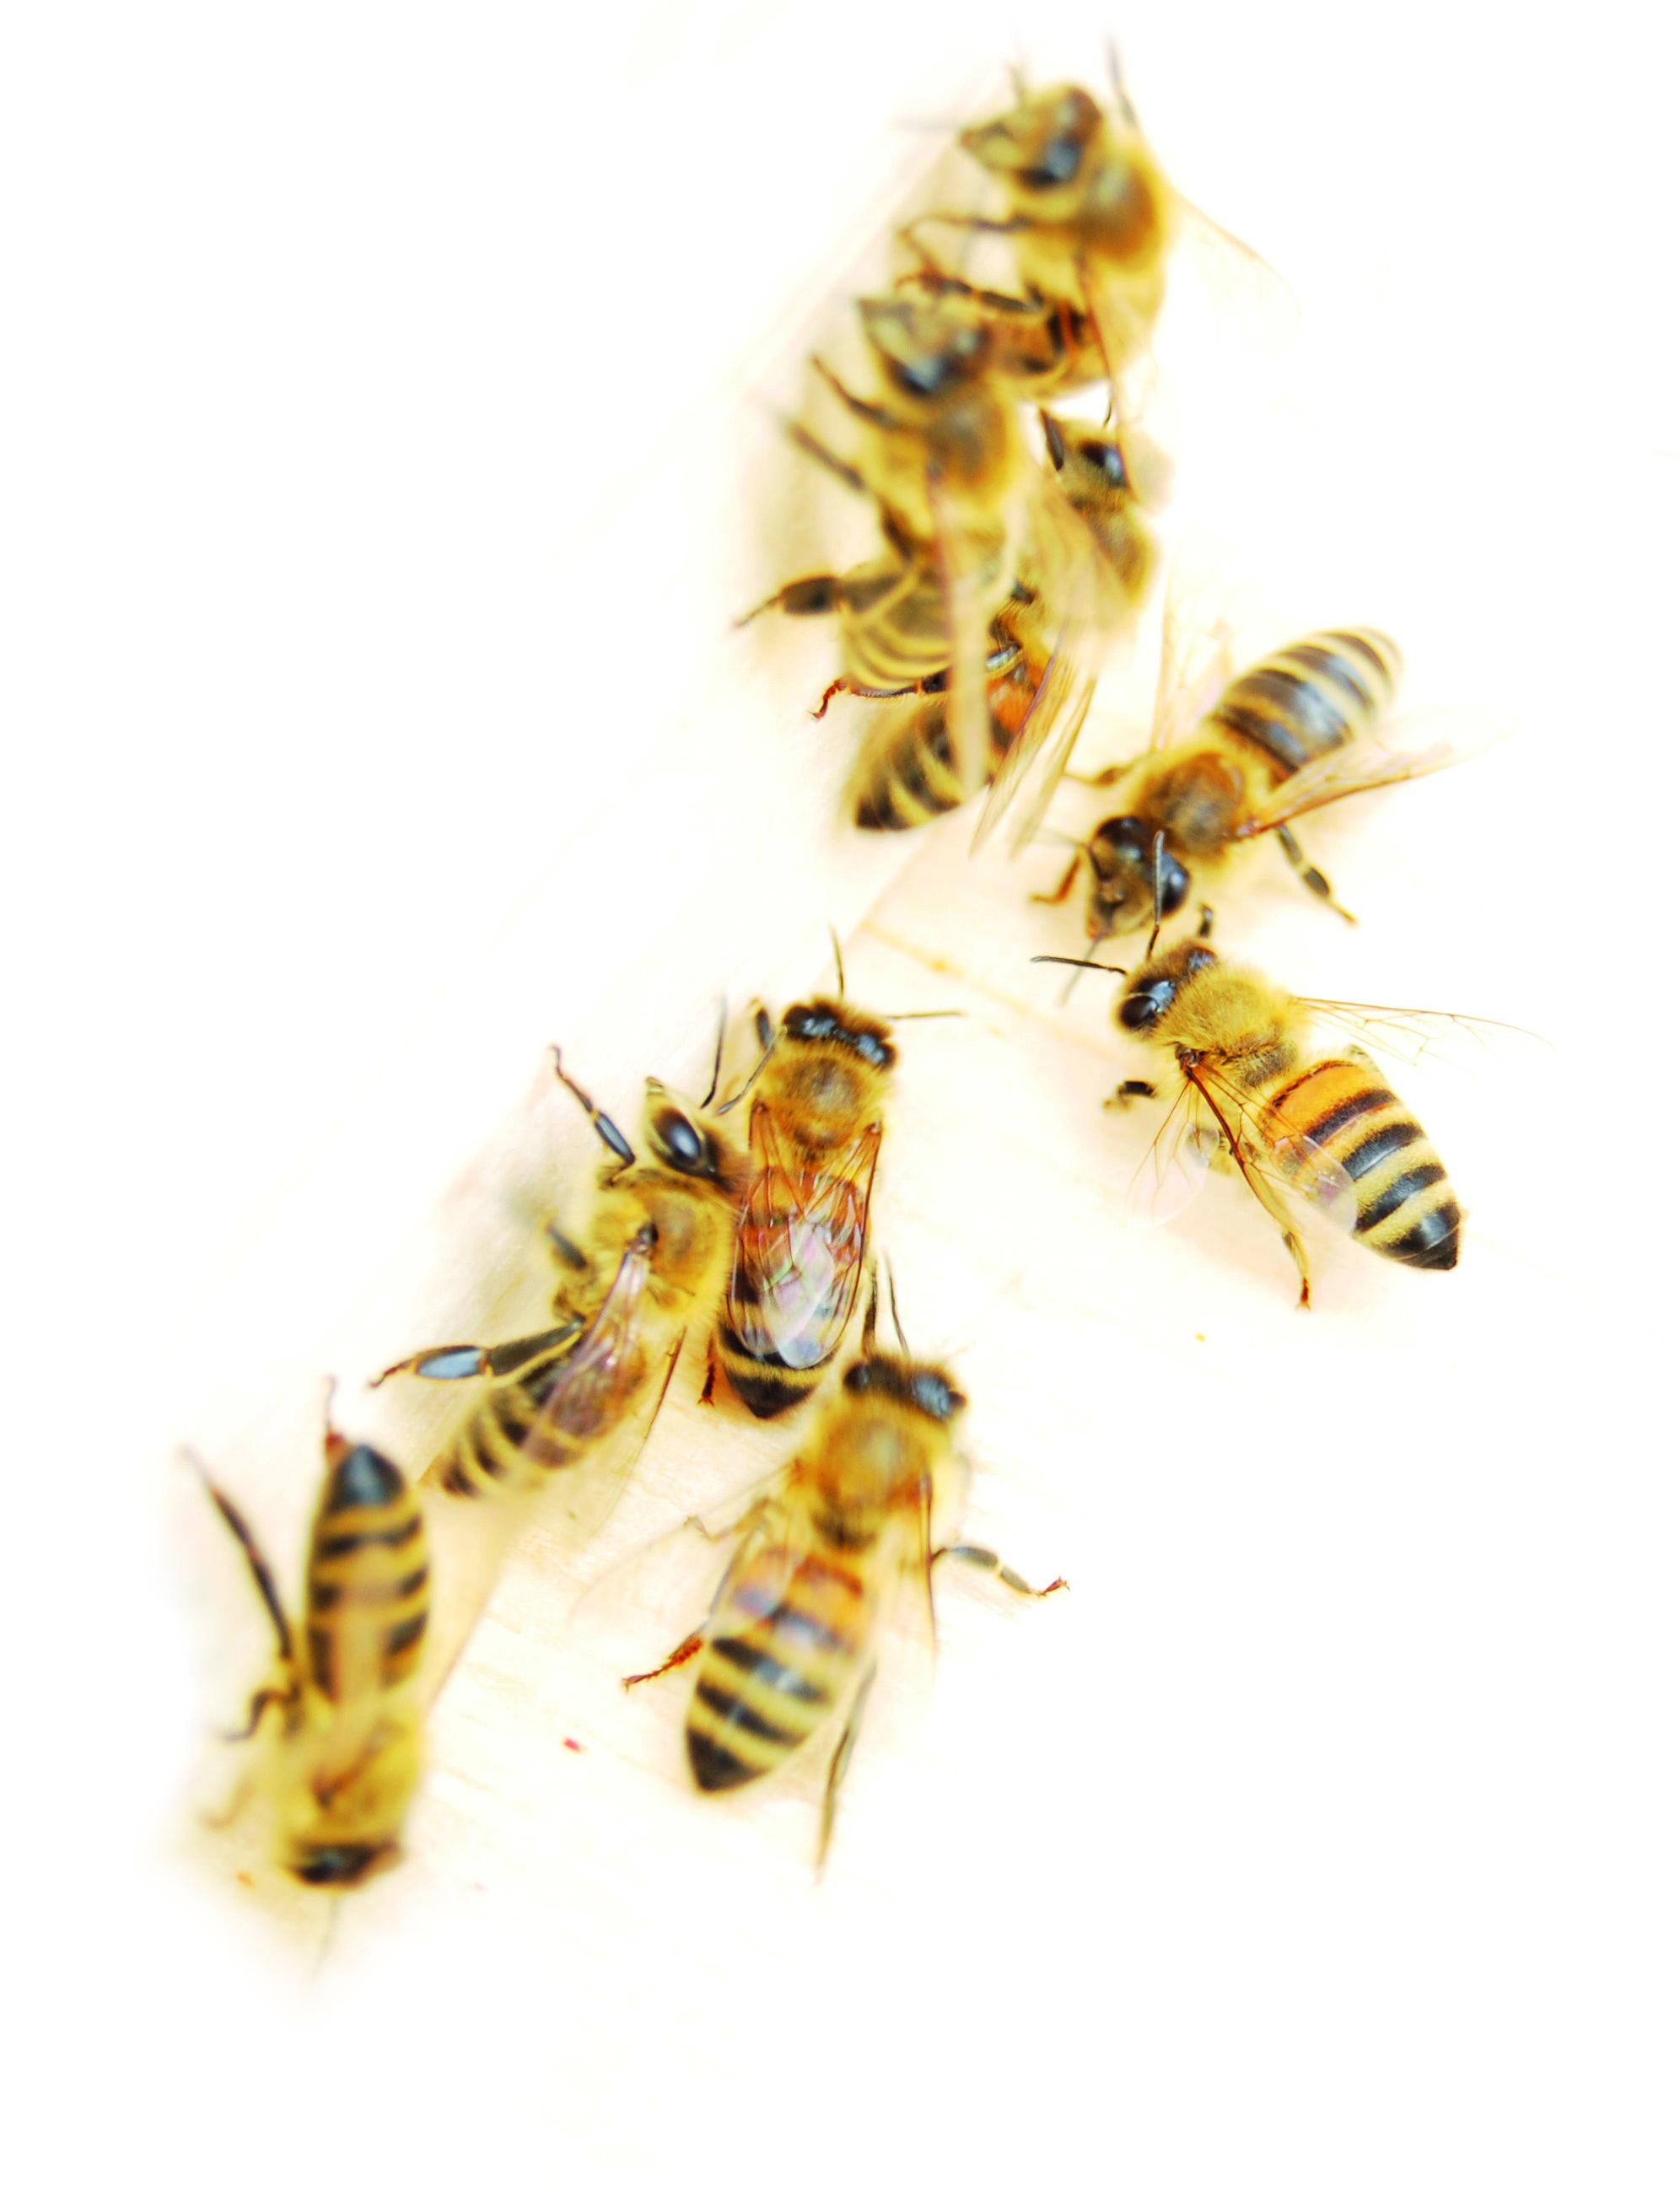 Bild von einer Gruppe Bienen.